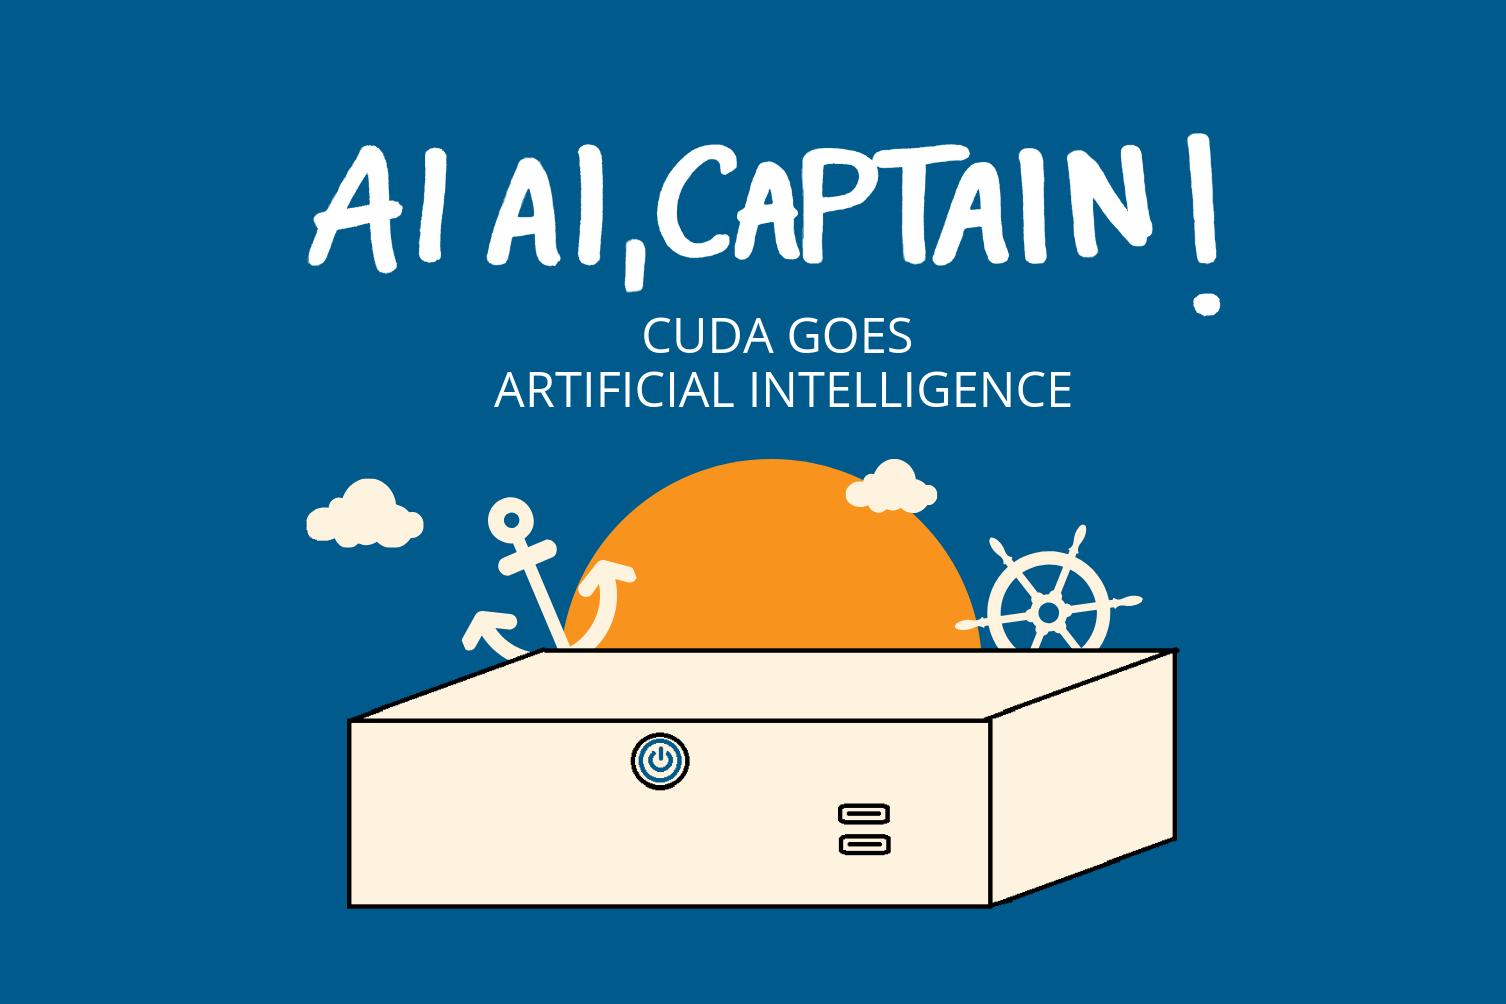 AI AI CAPTAIN! – The agenda on the 16th of July